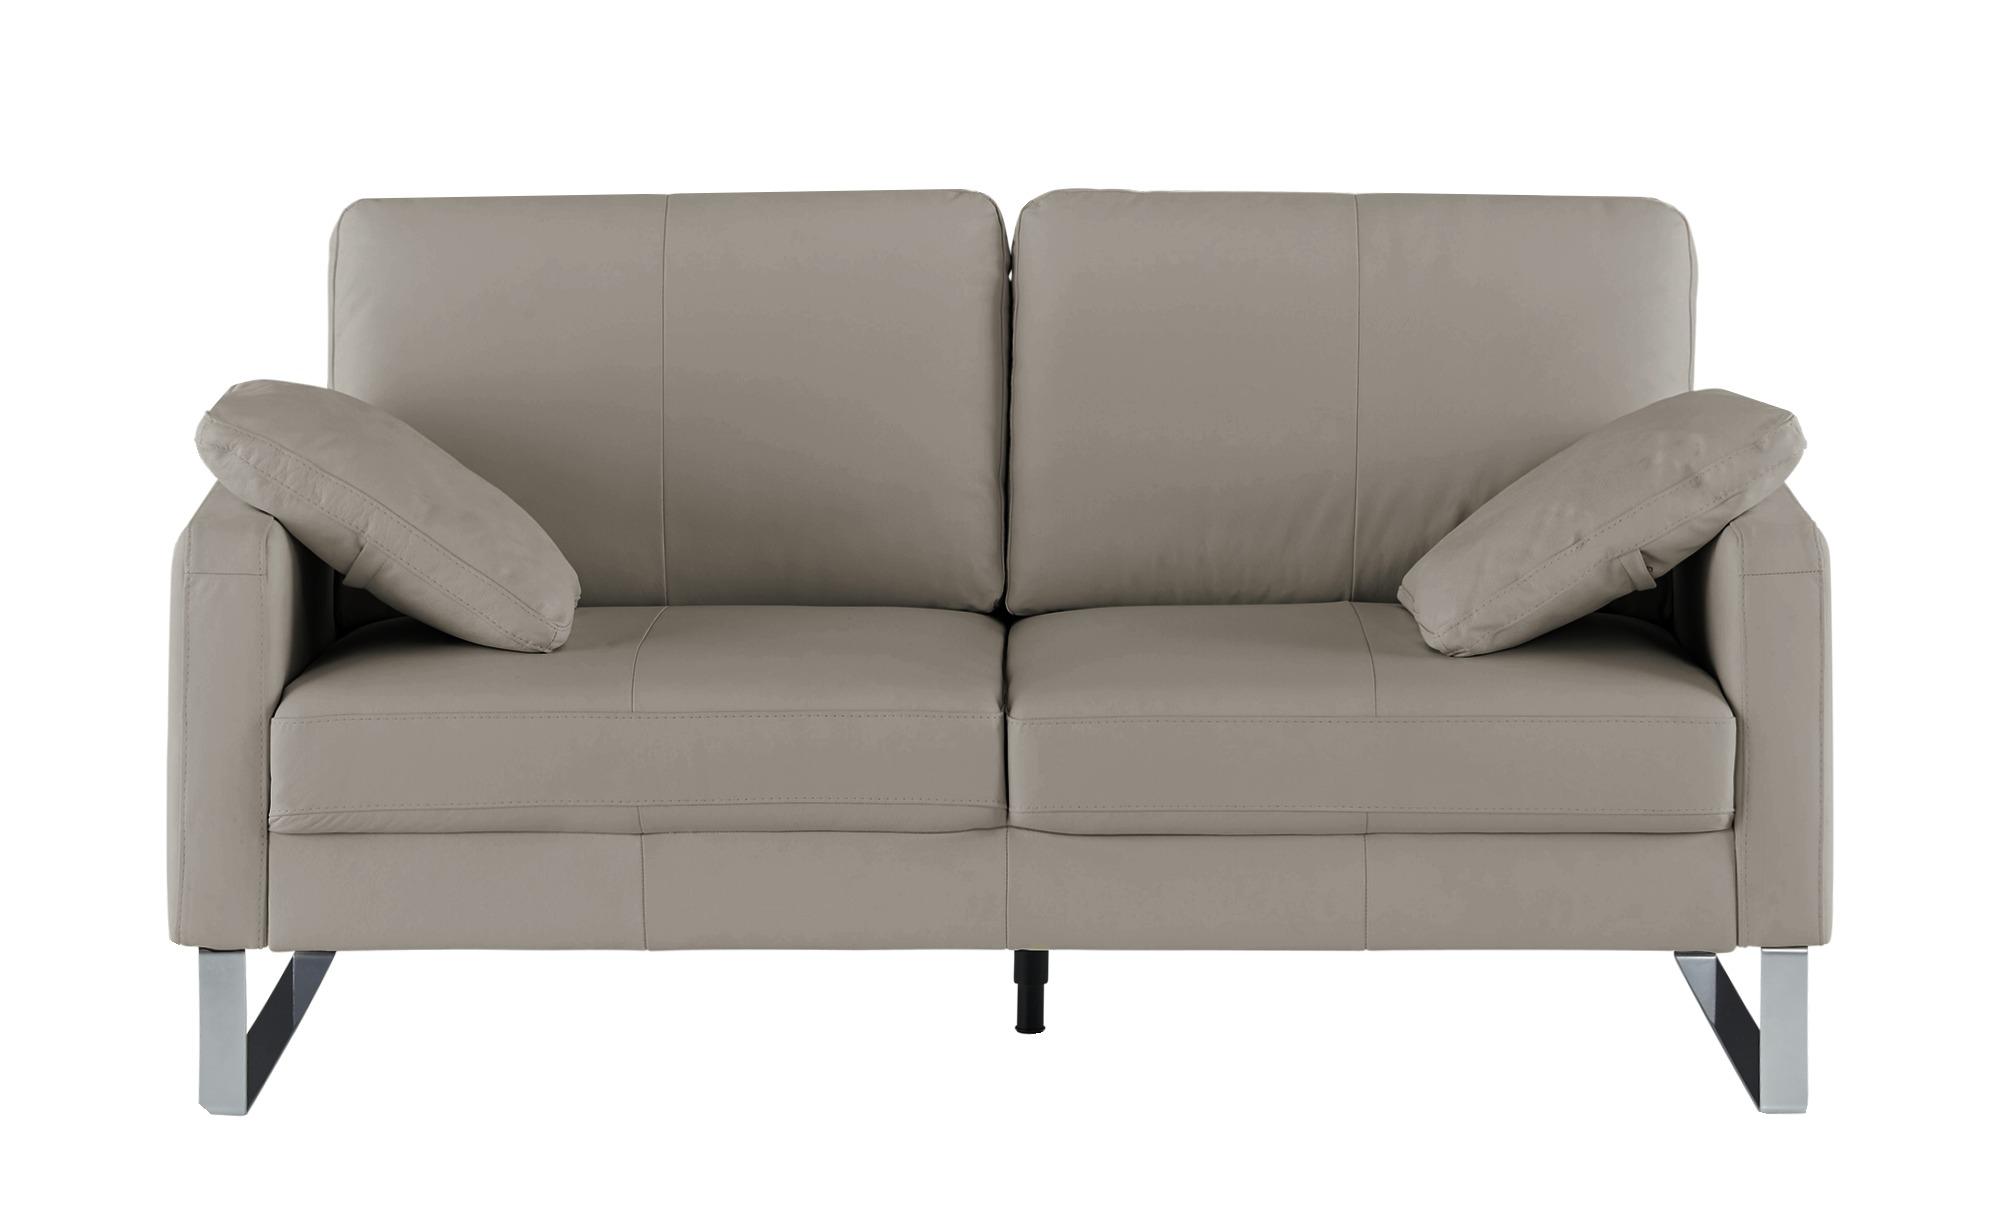 Einzelsofa  Rajaa ¦ grau ¦ Maße (cm): B: 174 H: 90 T: 93 Polstermöbel > Sofas > 2-Sitzer - Höffner